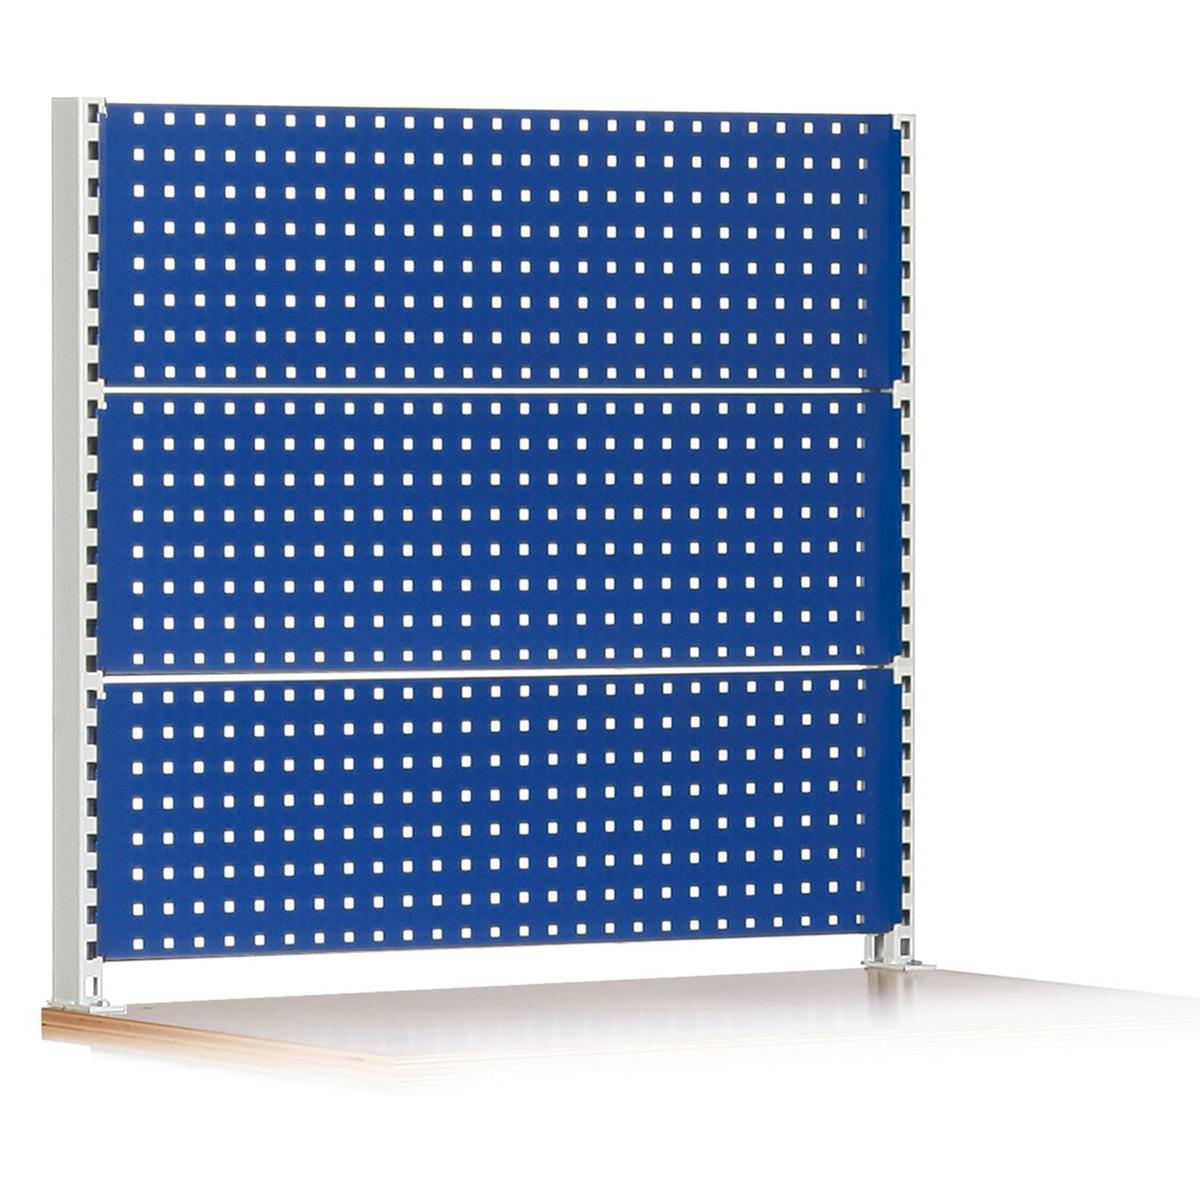 Protaurus Multiwand 950 L3 mit 3 Lochplatten, 950mm hoch 49-1000